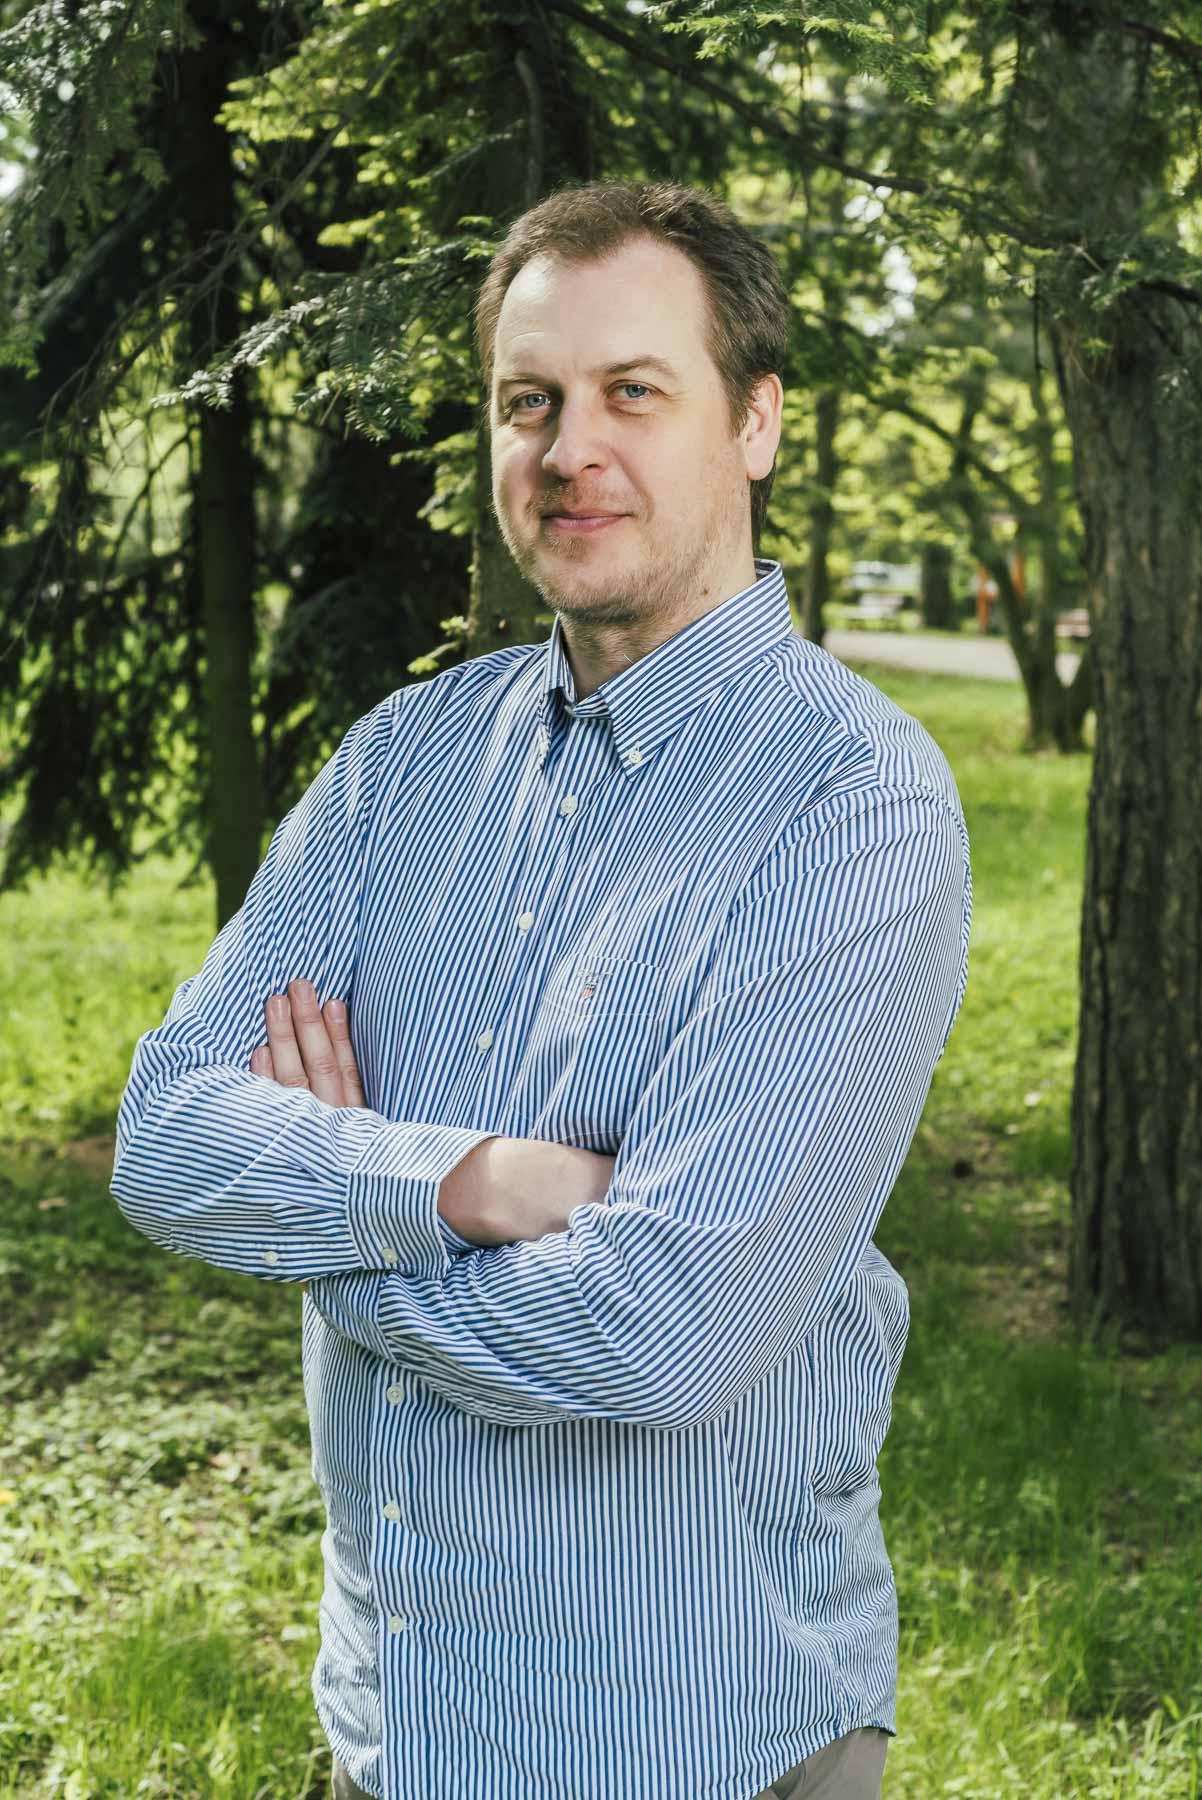 Martin Ondrejkovič vyhorel počas jeho práce psychiatra. Na dlhých 12 rokov presedlal na koučovanie, až kým sa bol pred dvoma rokmi schopný vrátiť späť do nemocnice ako lekár. Foto: Martin Ondrejkovič (archív)